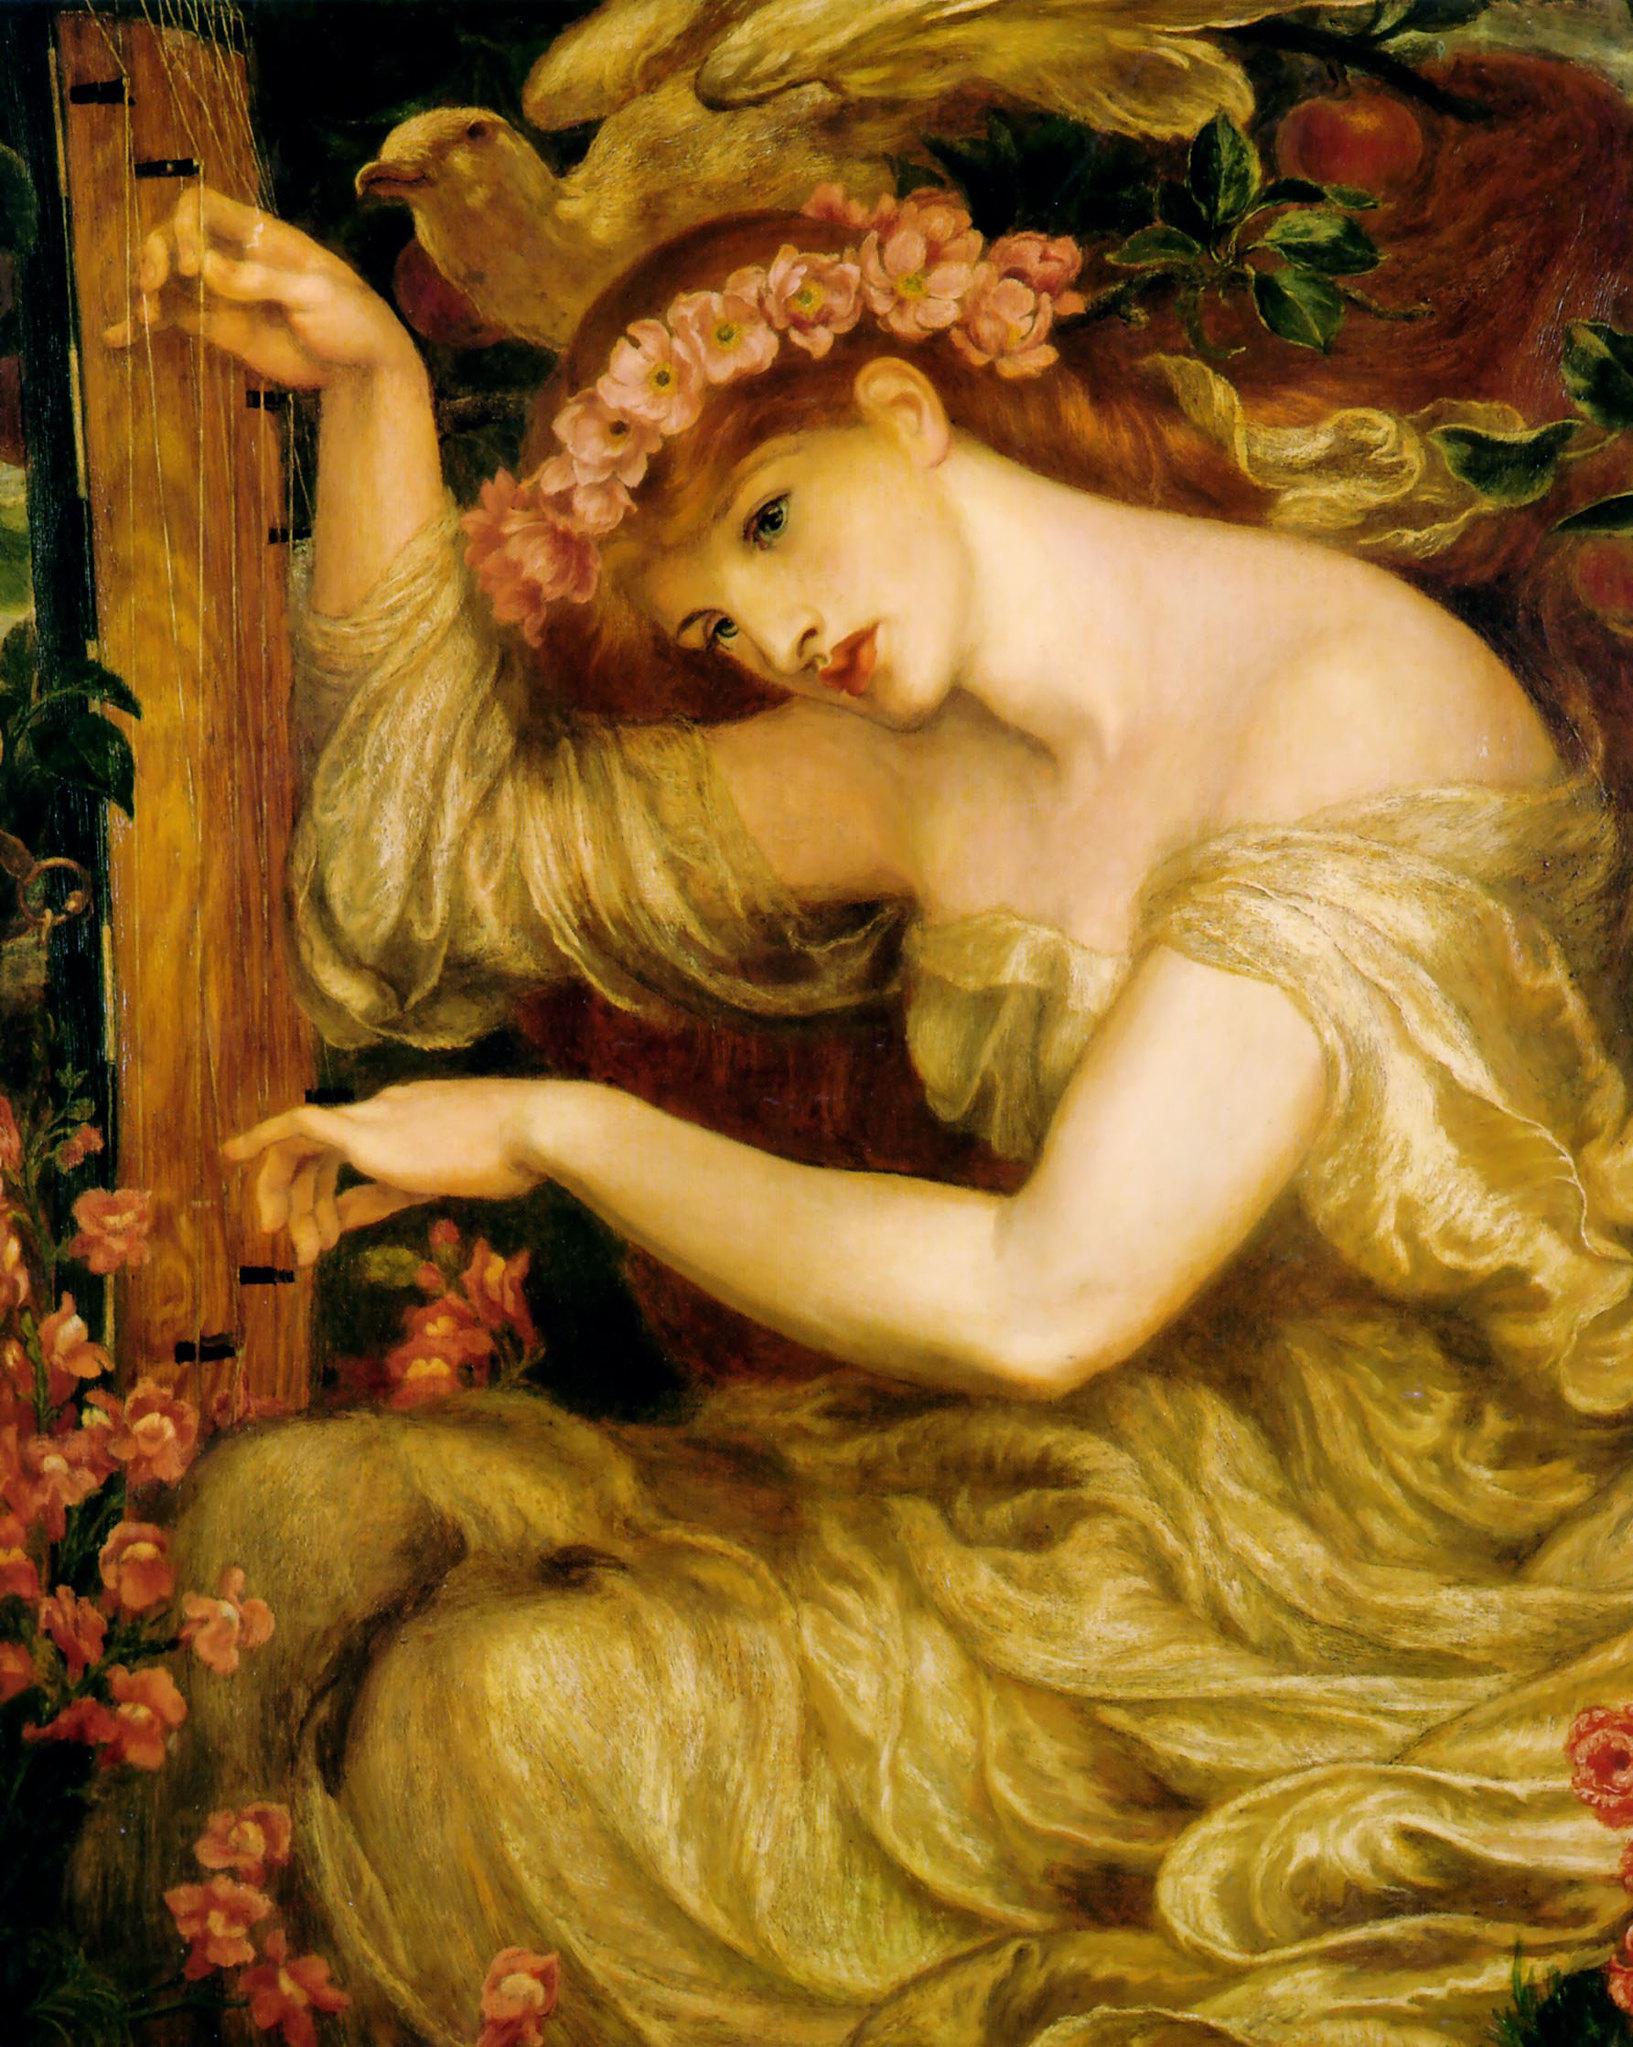 A Sea-Spell by Dante Gabriel Rossetti, 1877